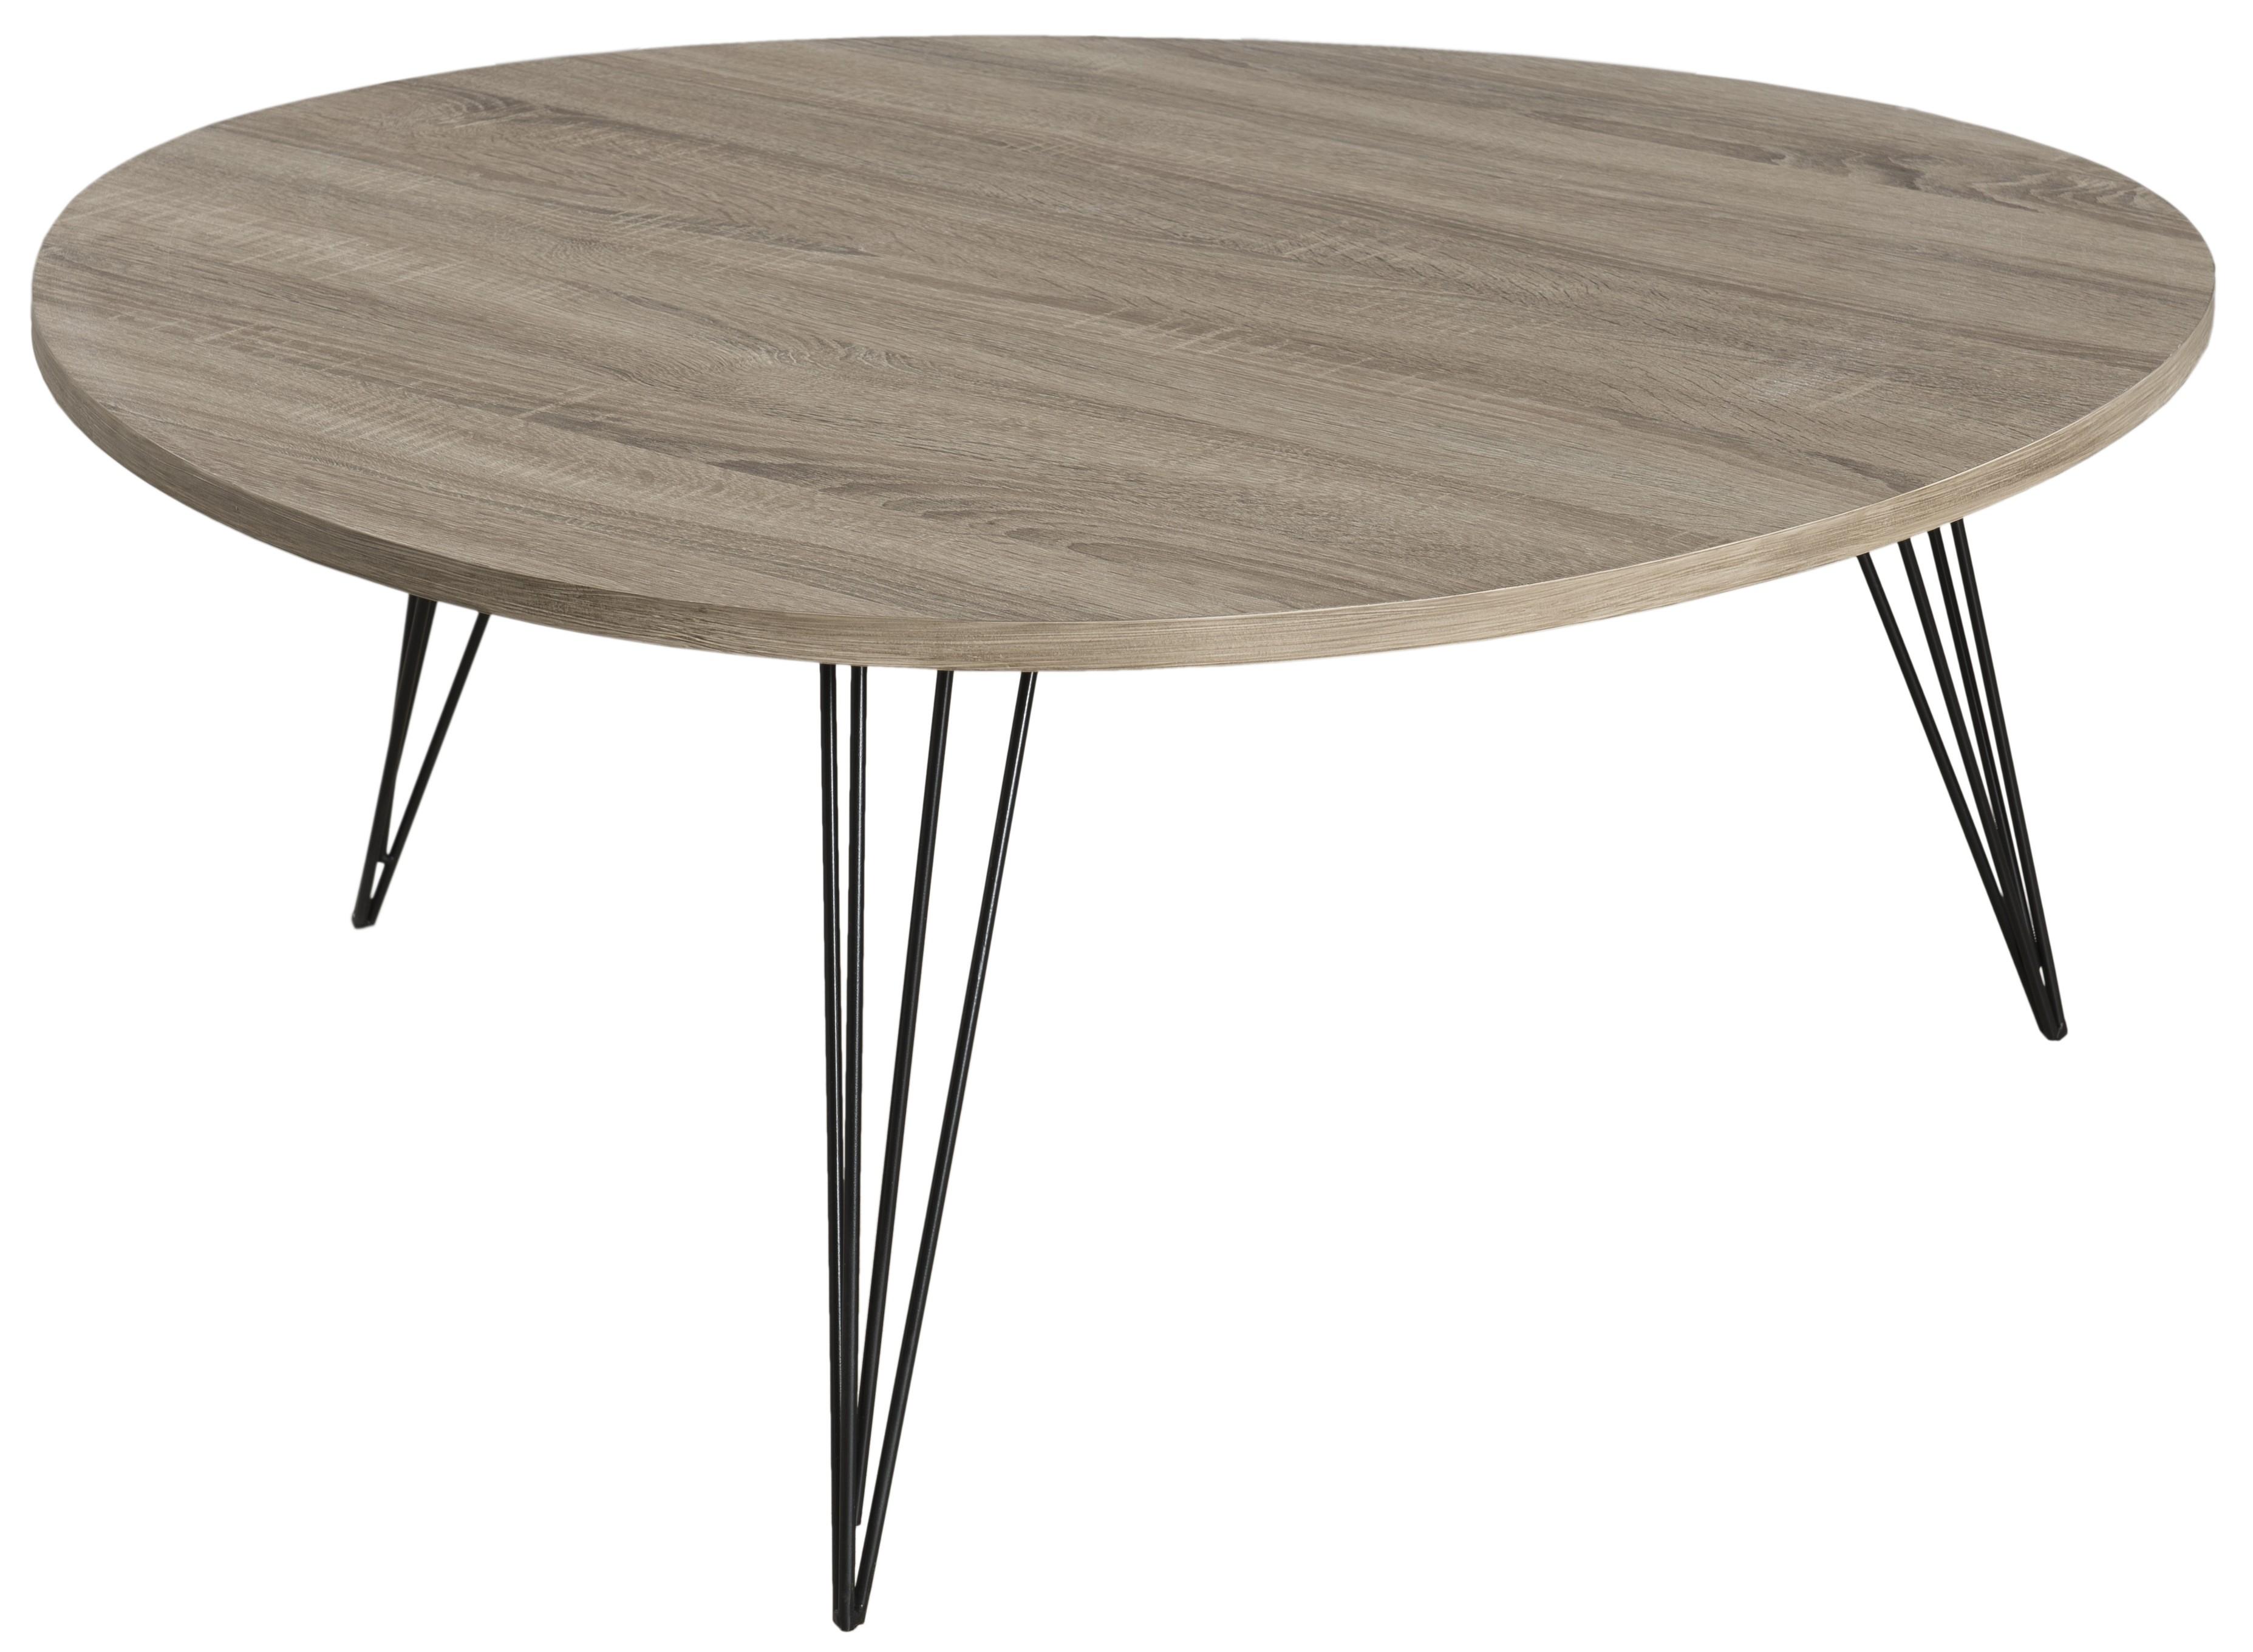 Petite Table Basse Ronde Vintage Lille Menage Fr Maison